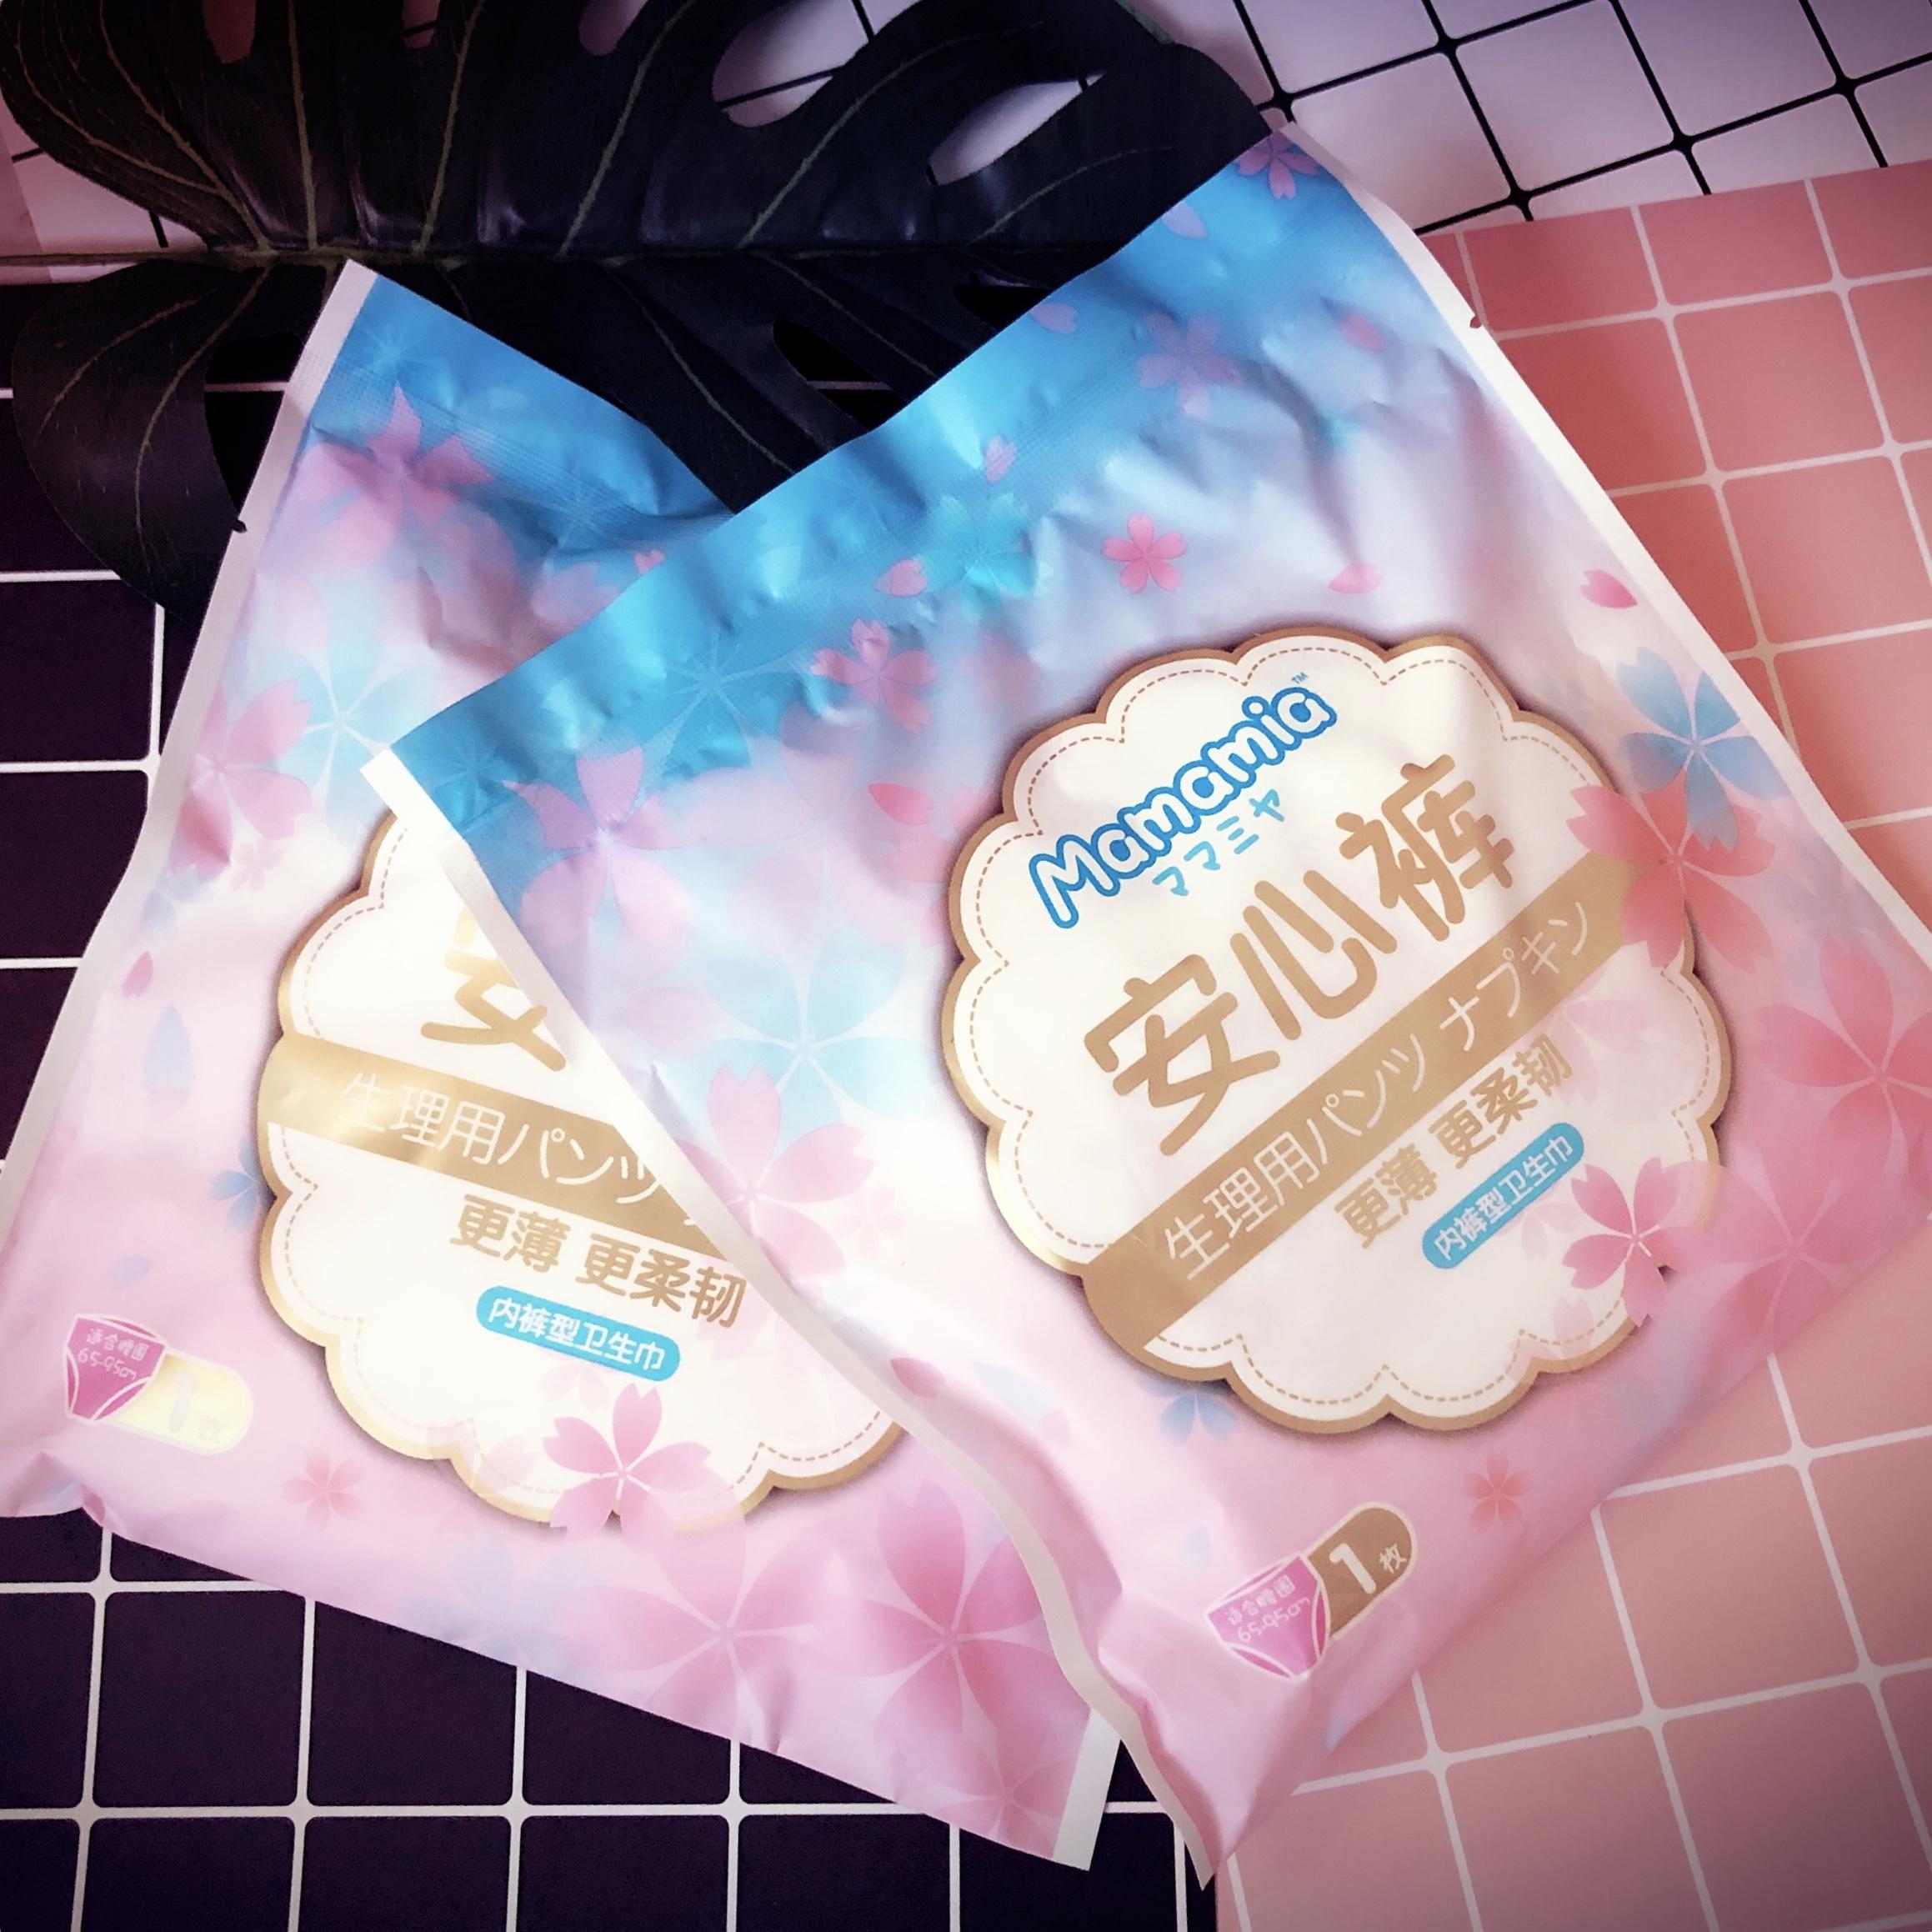 Mamamia安心裤超熟睡量大夜用防漏内裤型卫生巾1包*2片 5包起包邮